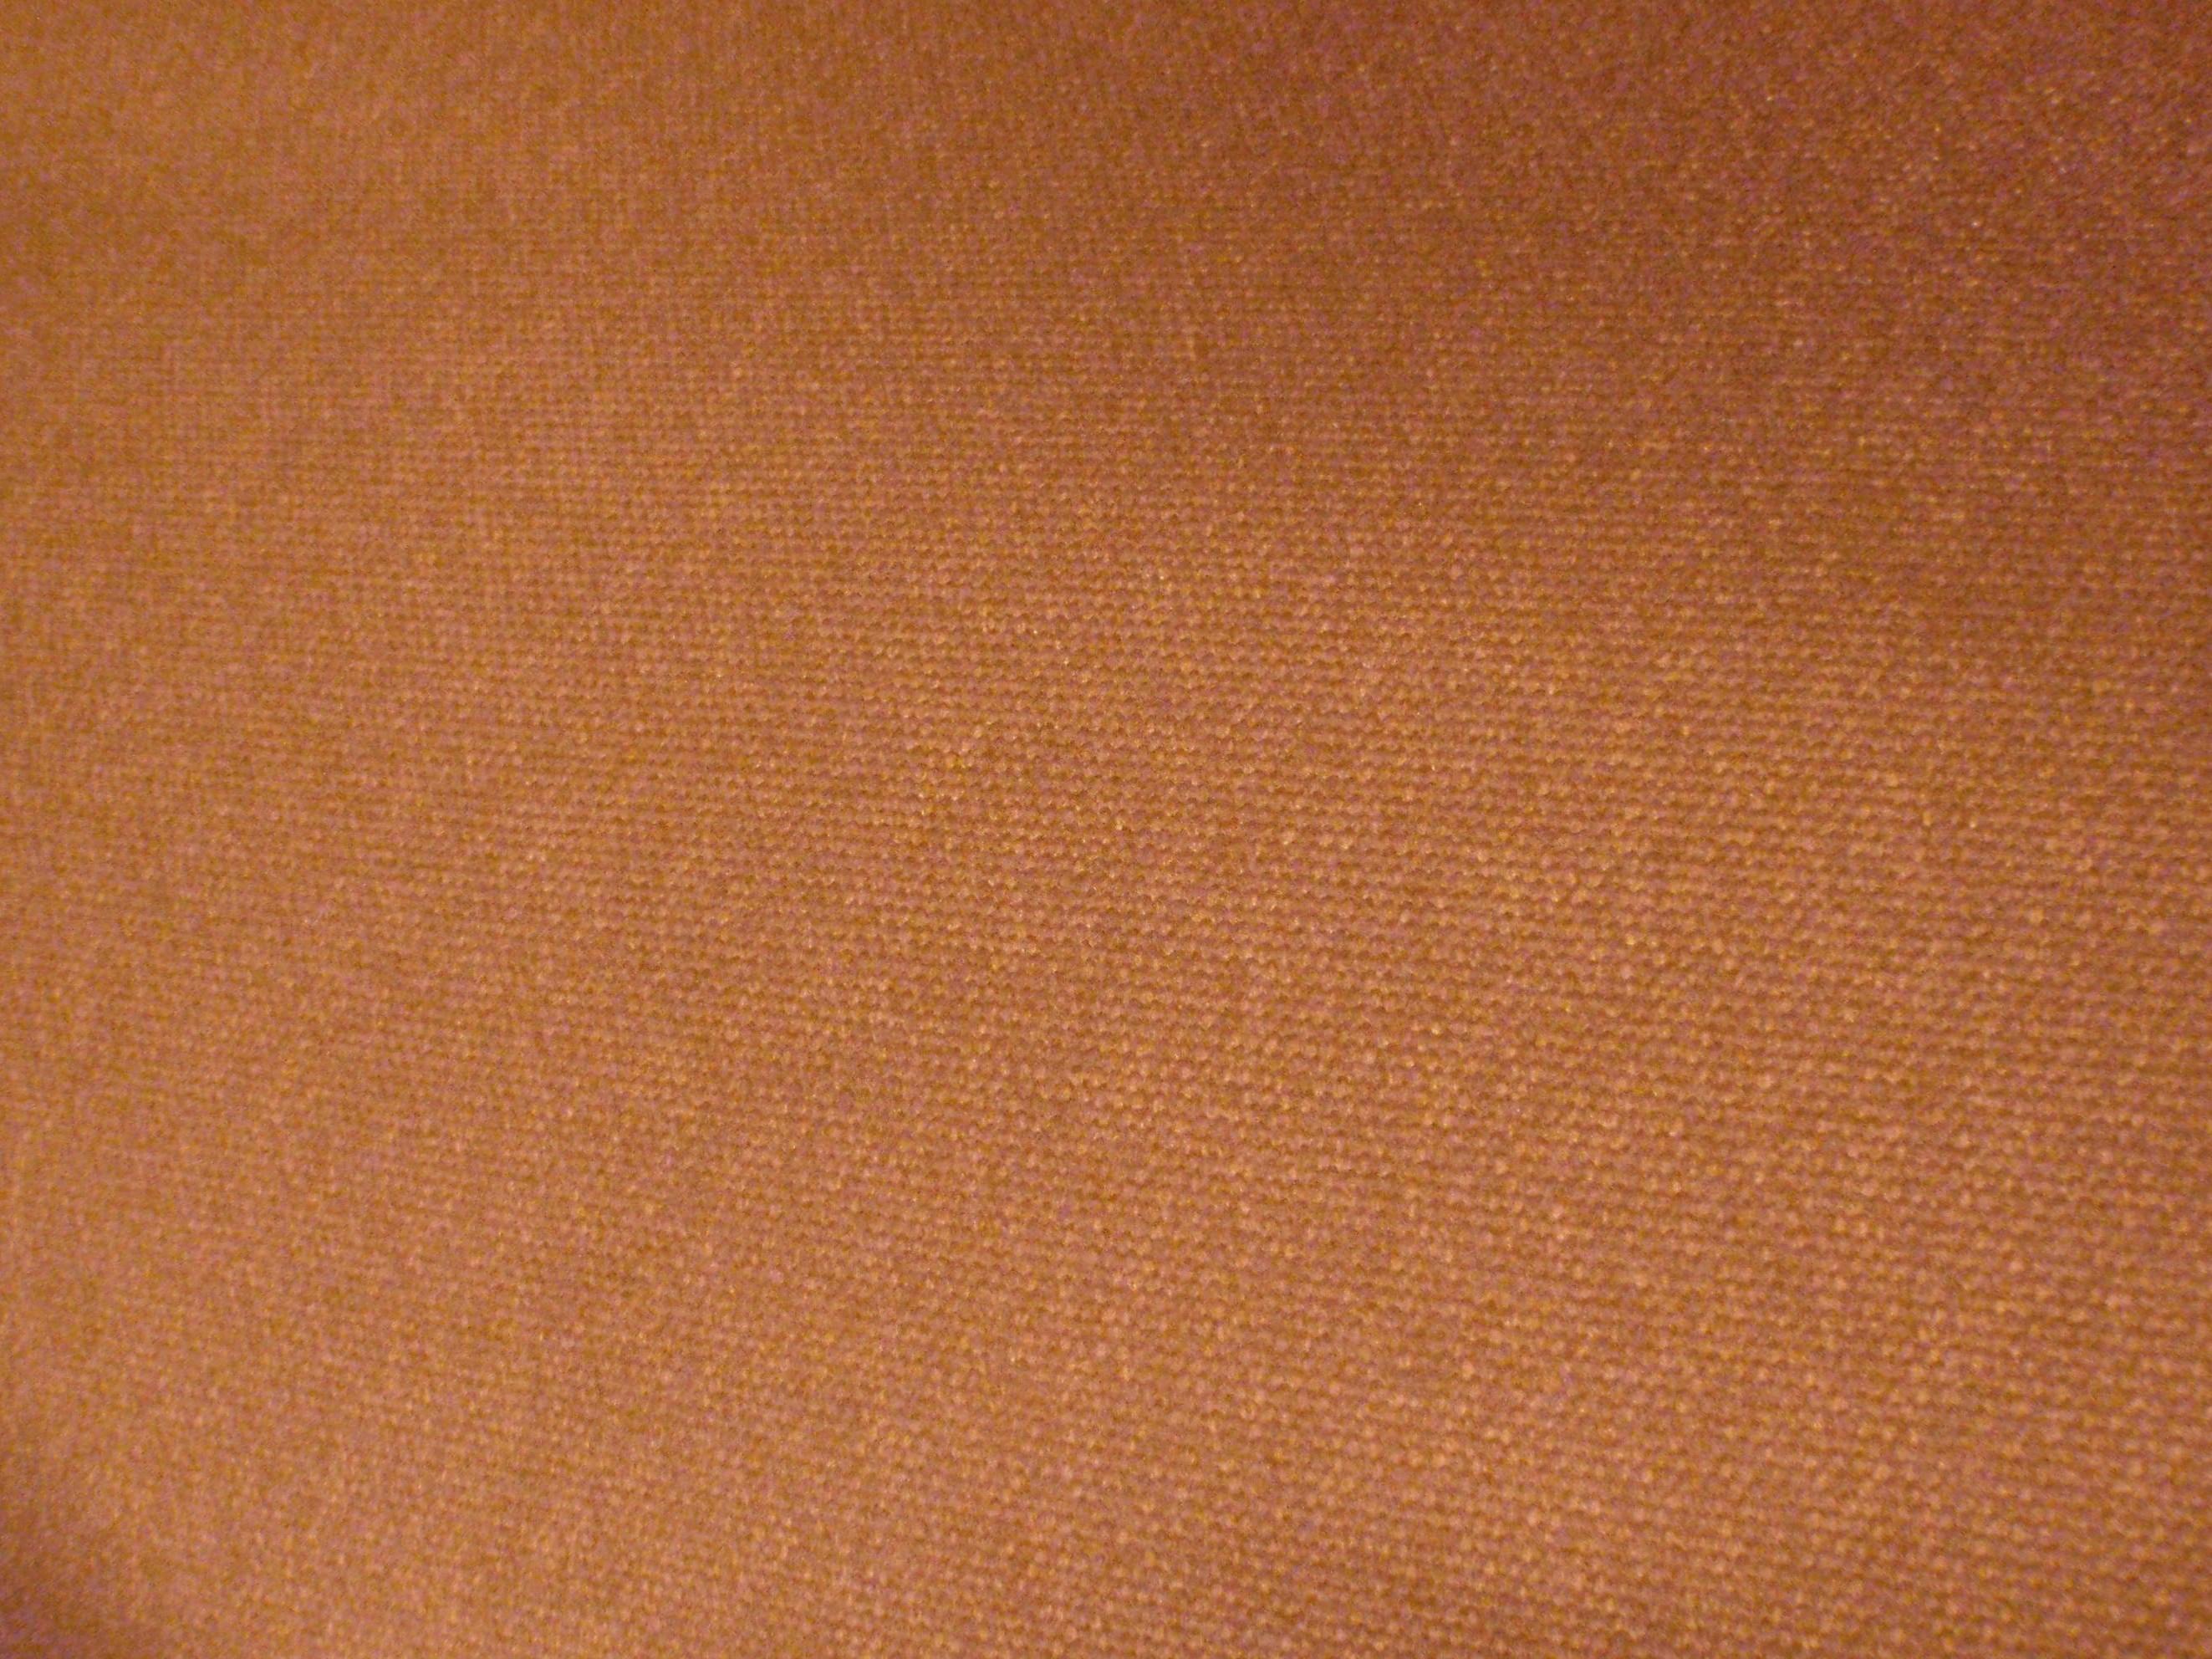 35bbffcb Duradon seglduk brun farge - Høvedsmann